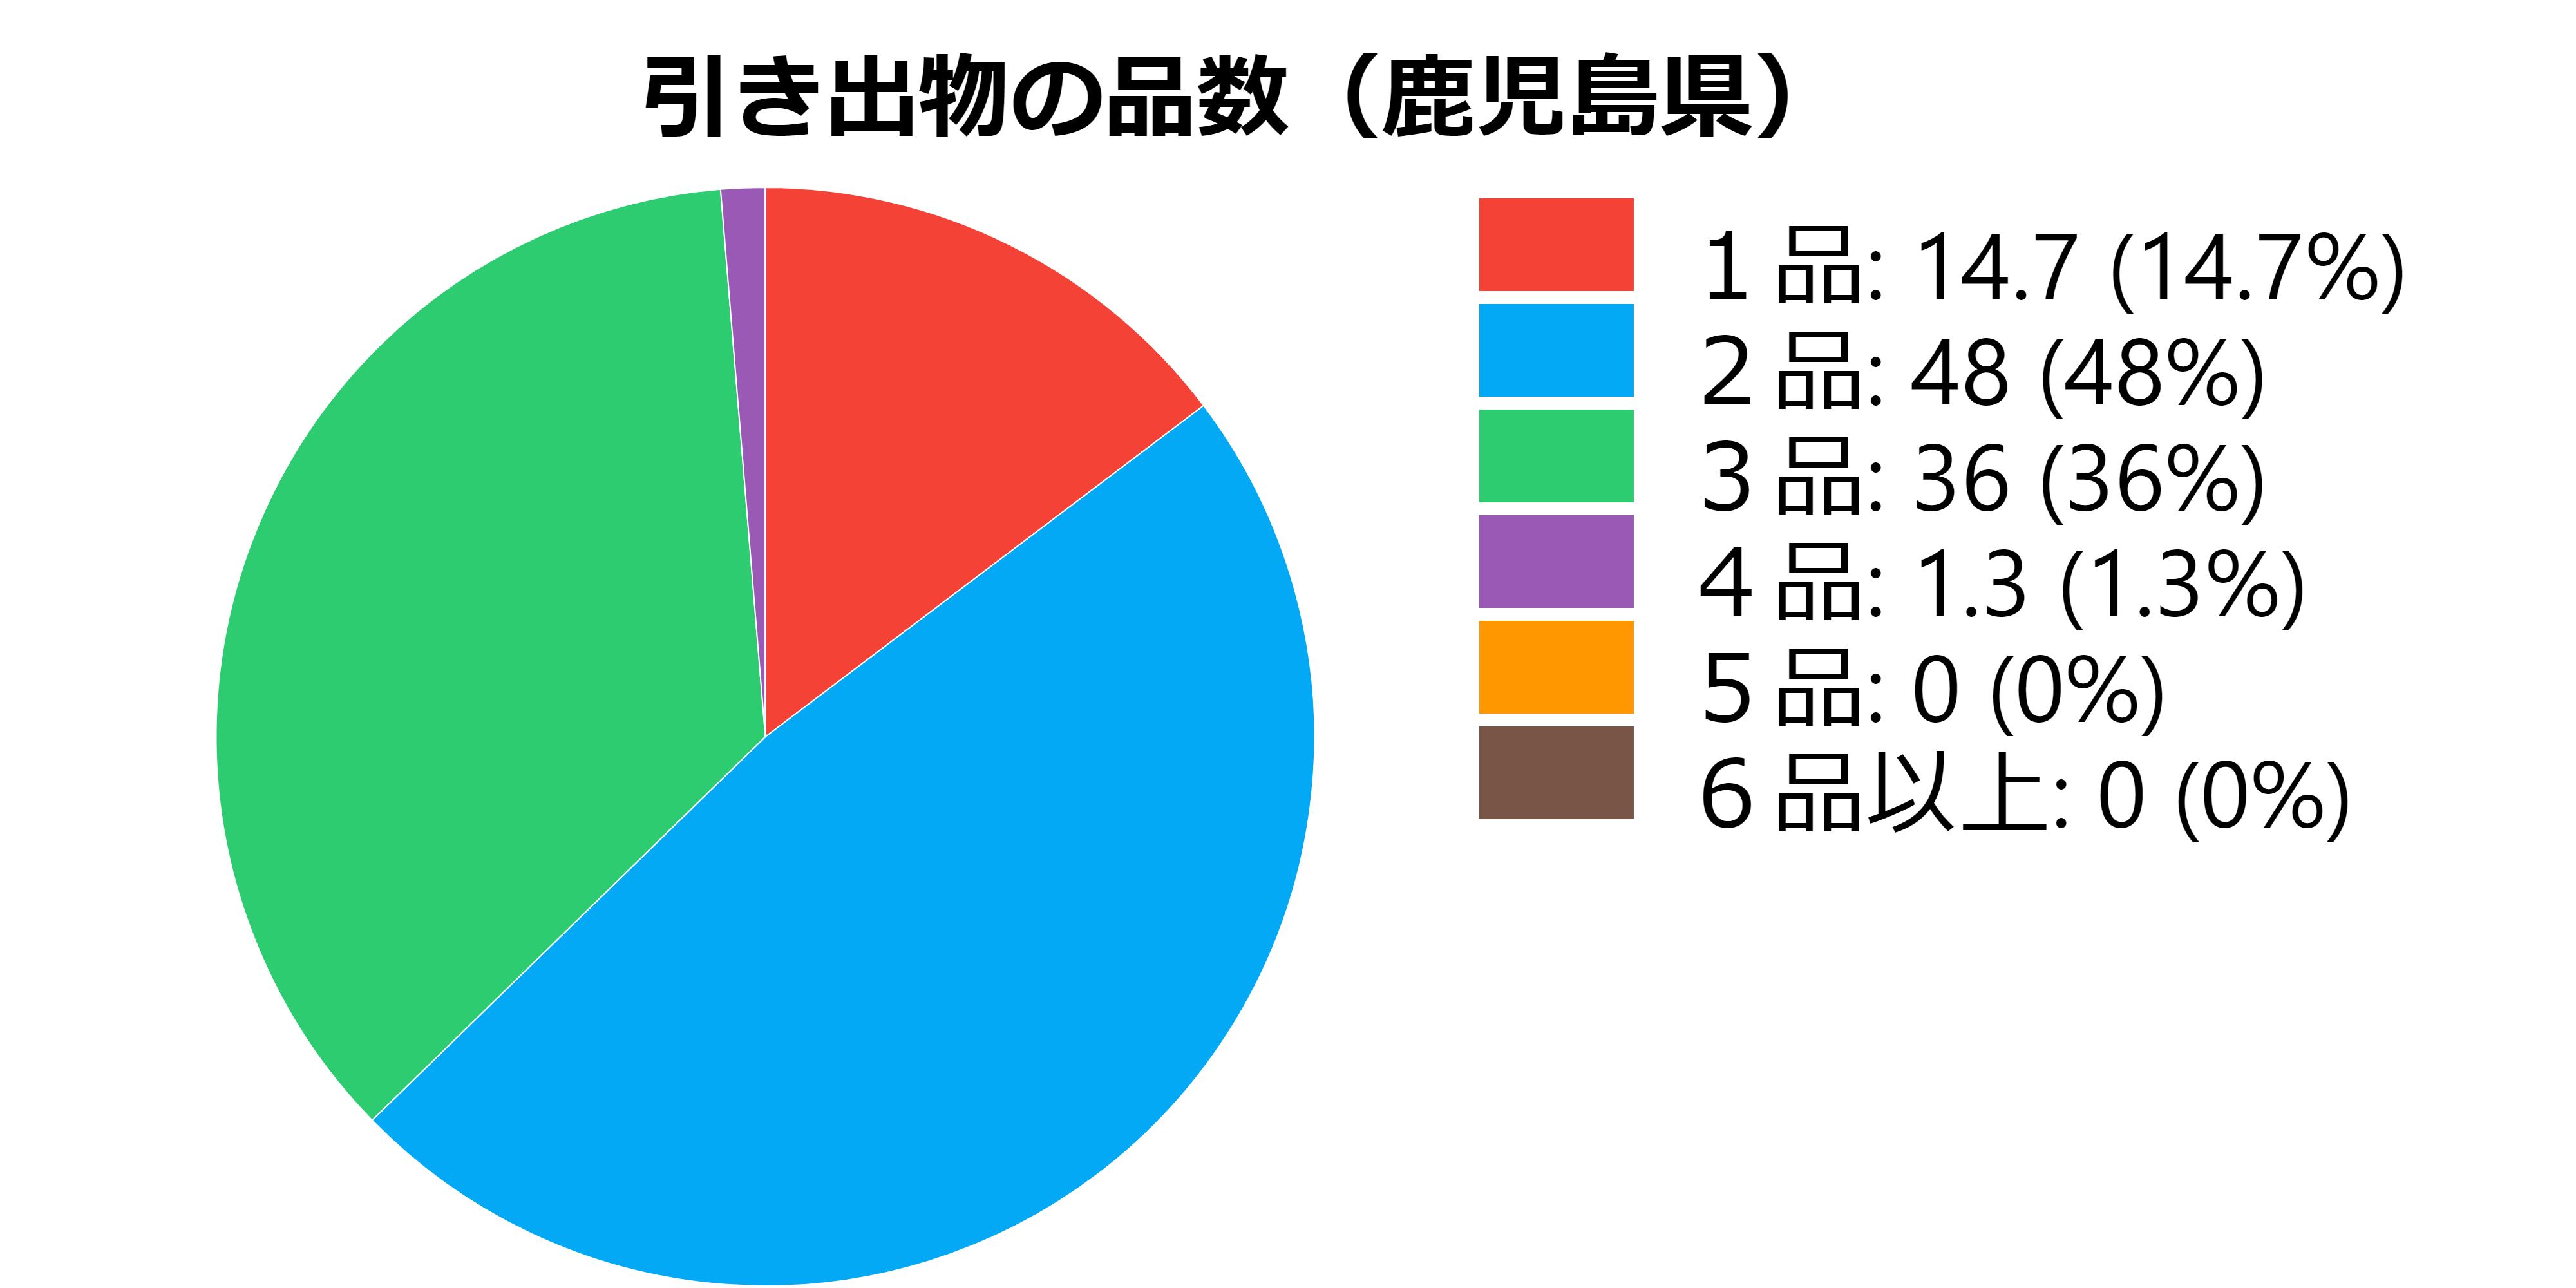 品数(鹿児島県)